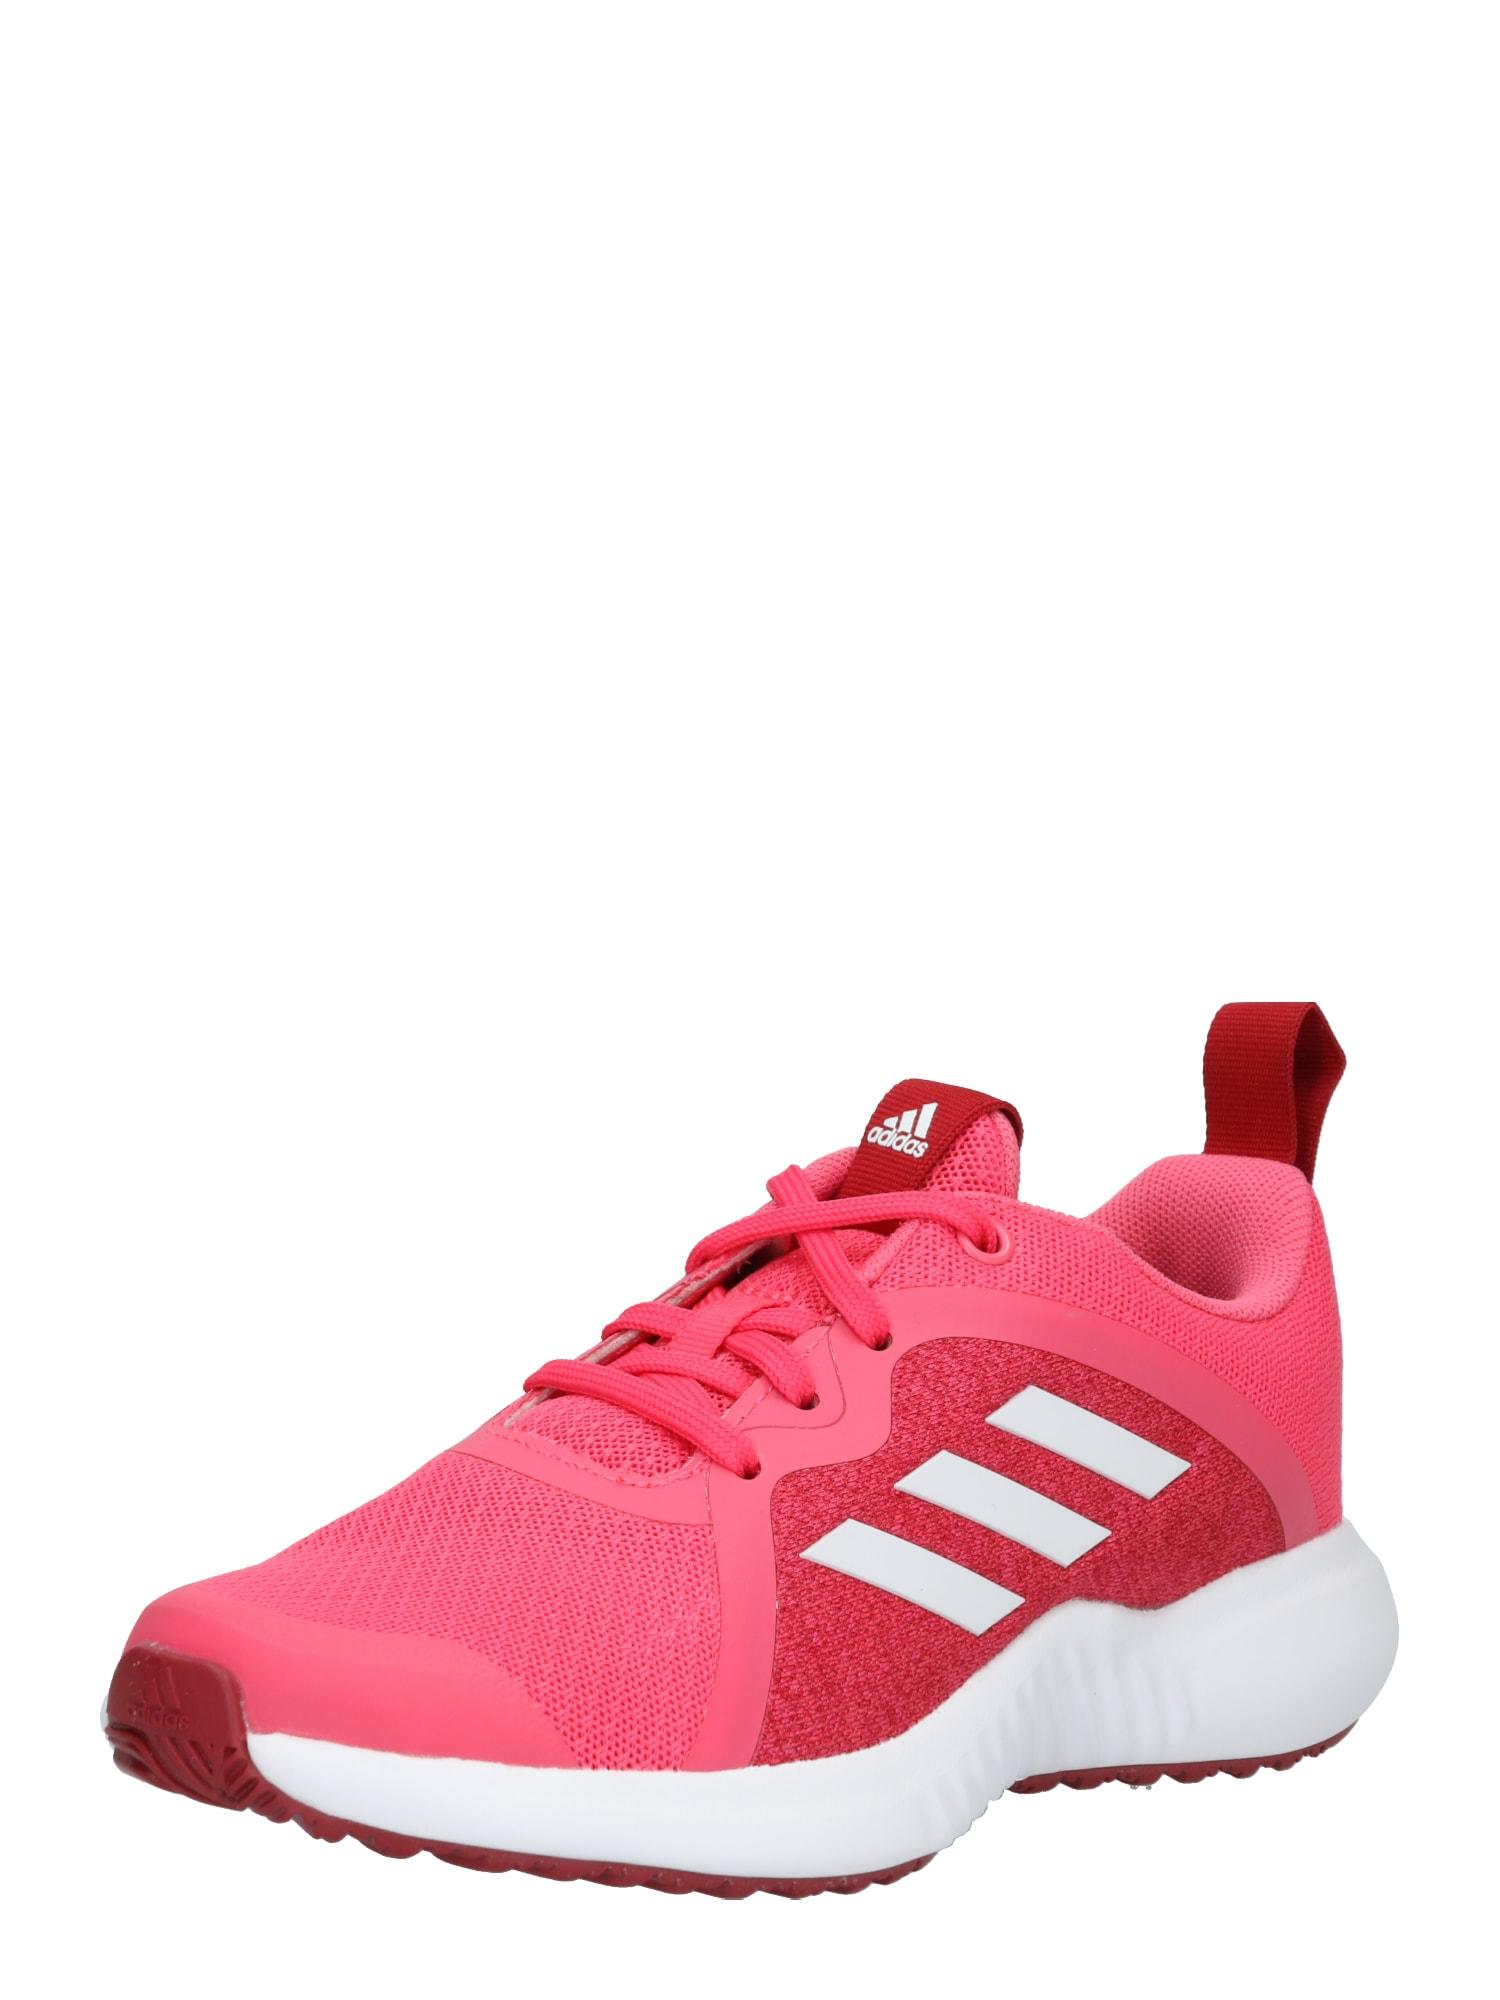 Sportovní boty FortaRun X K pink ADIDAS PERFORMANCE